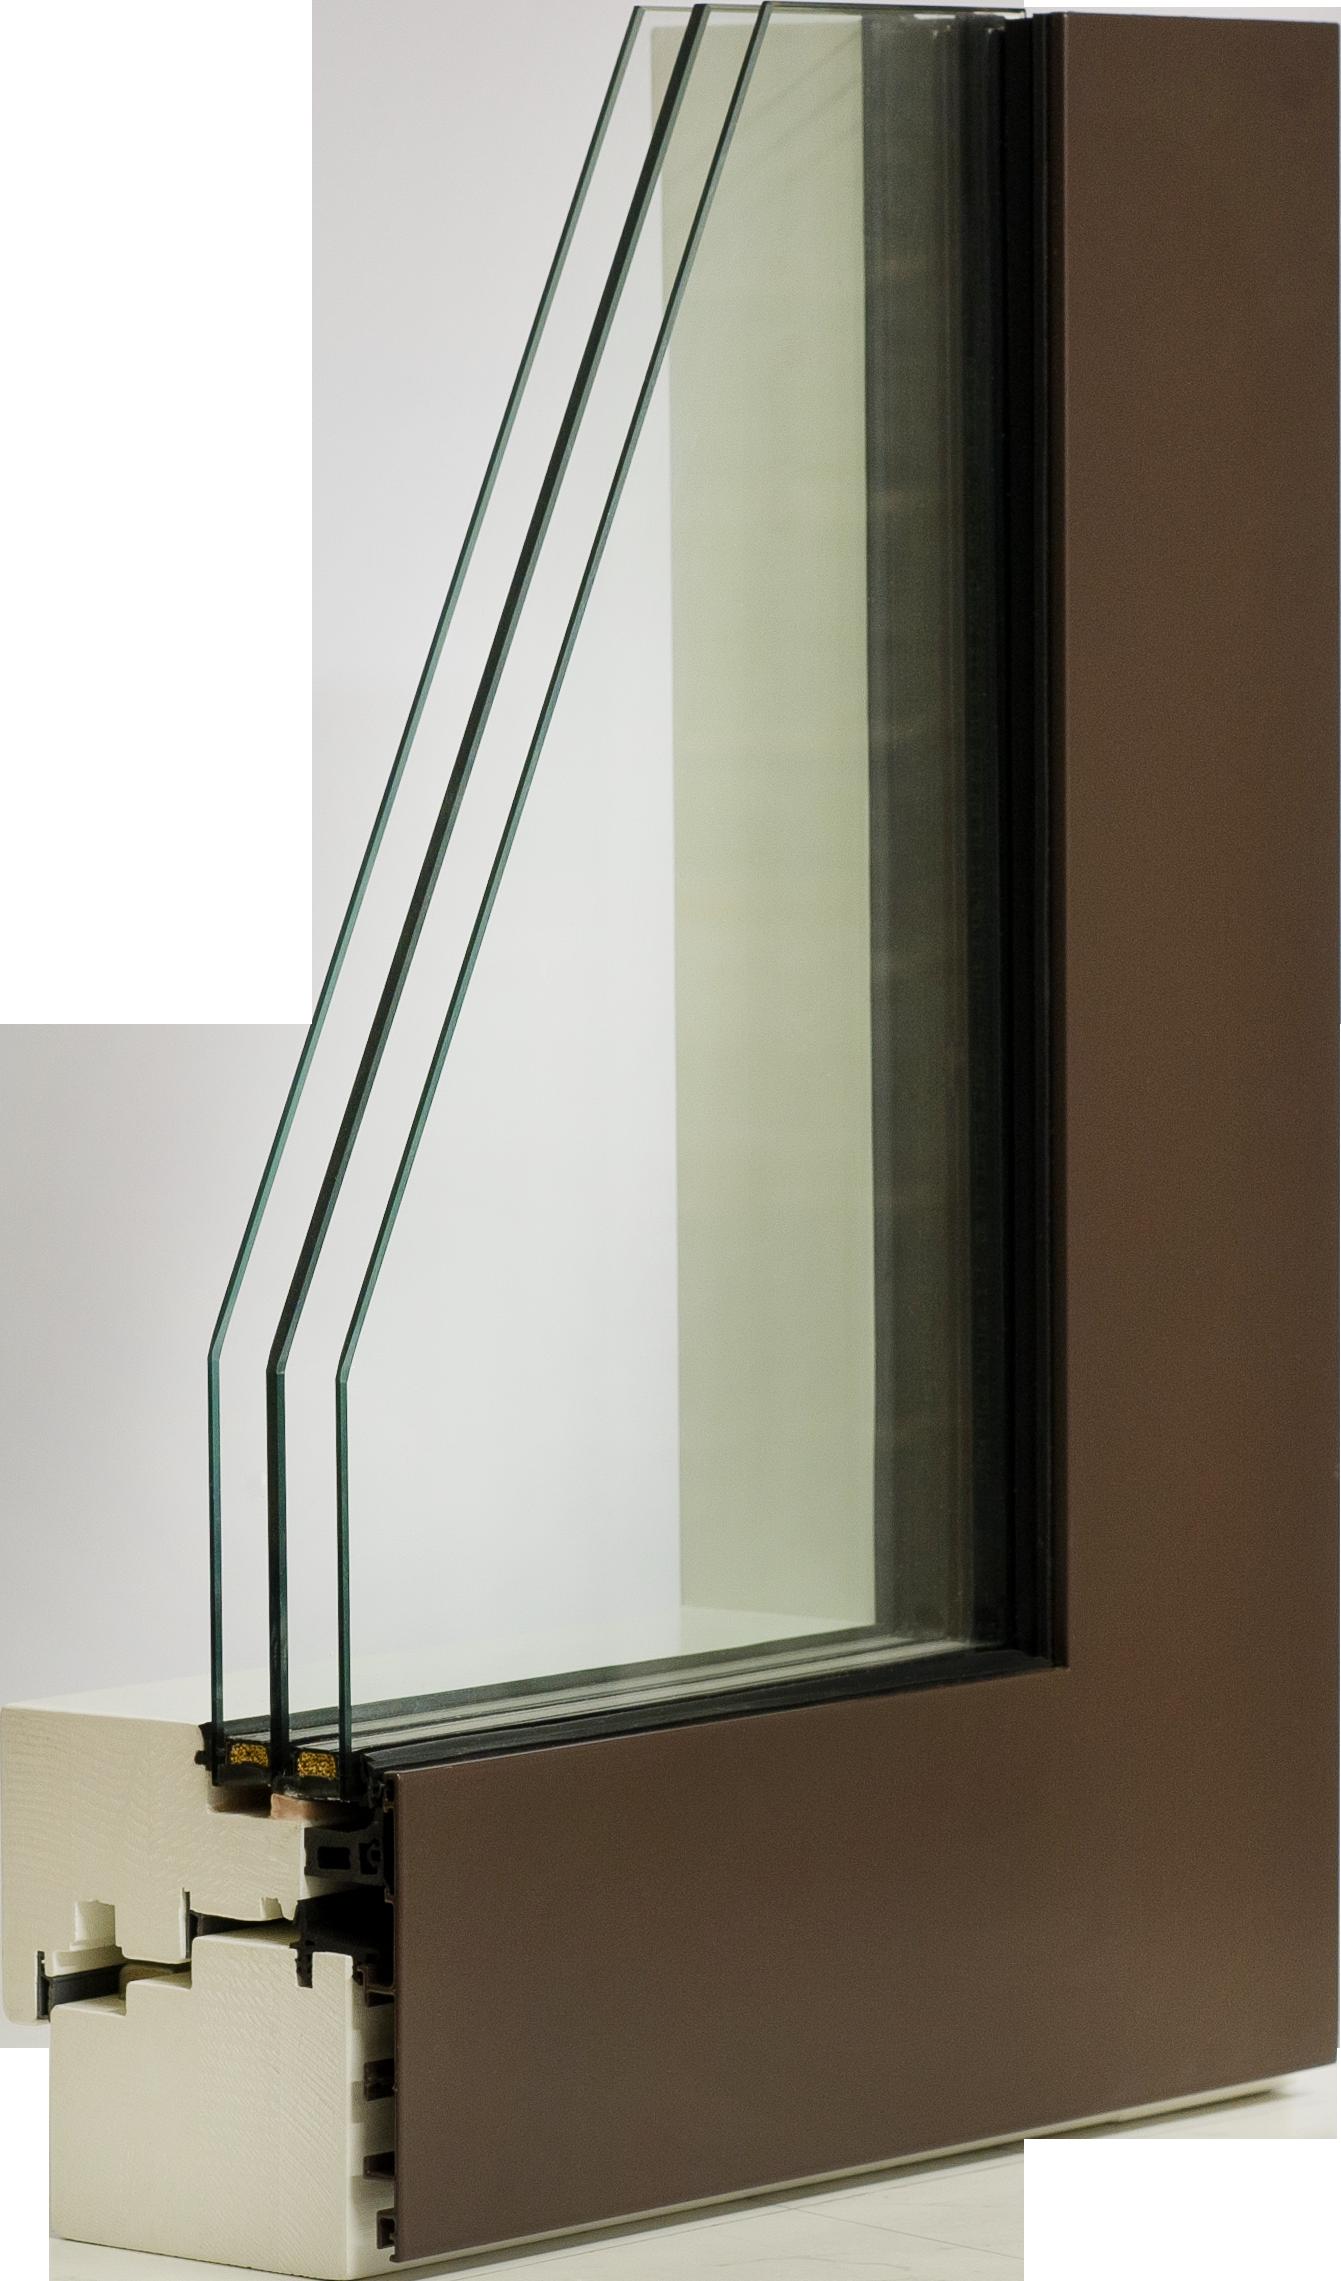 Full Size of Fenster 3 Fach Verglasung Kaufen 3fach Verglast Kosten Altbau Alu Preis Nachteile 2 Oder Mit Rolladen Preise Schallschutz Holz Ohne Rahmen Einbruchsicherung Fenster Fenster 3 Fach Verglasung